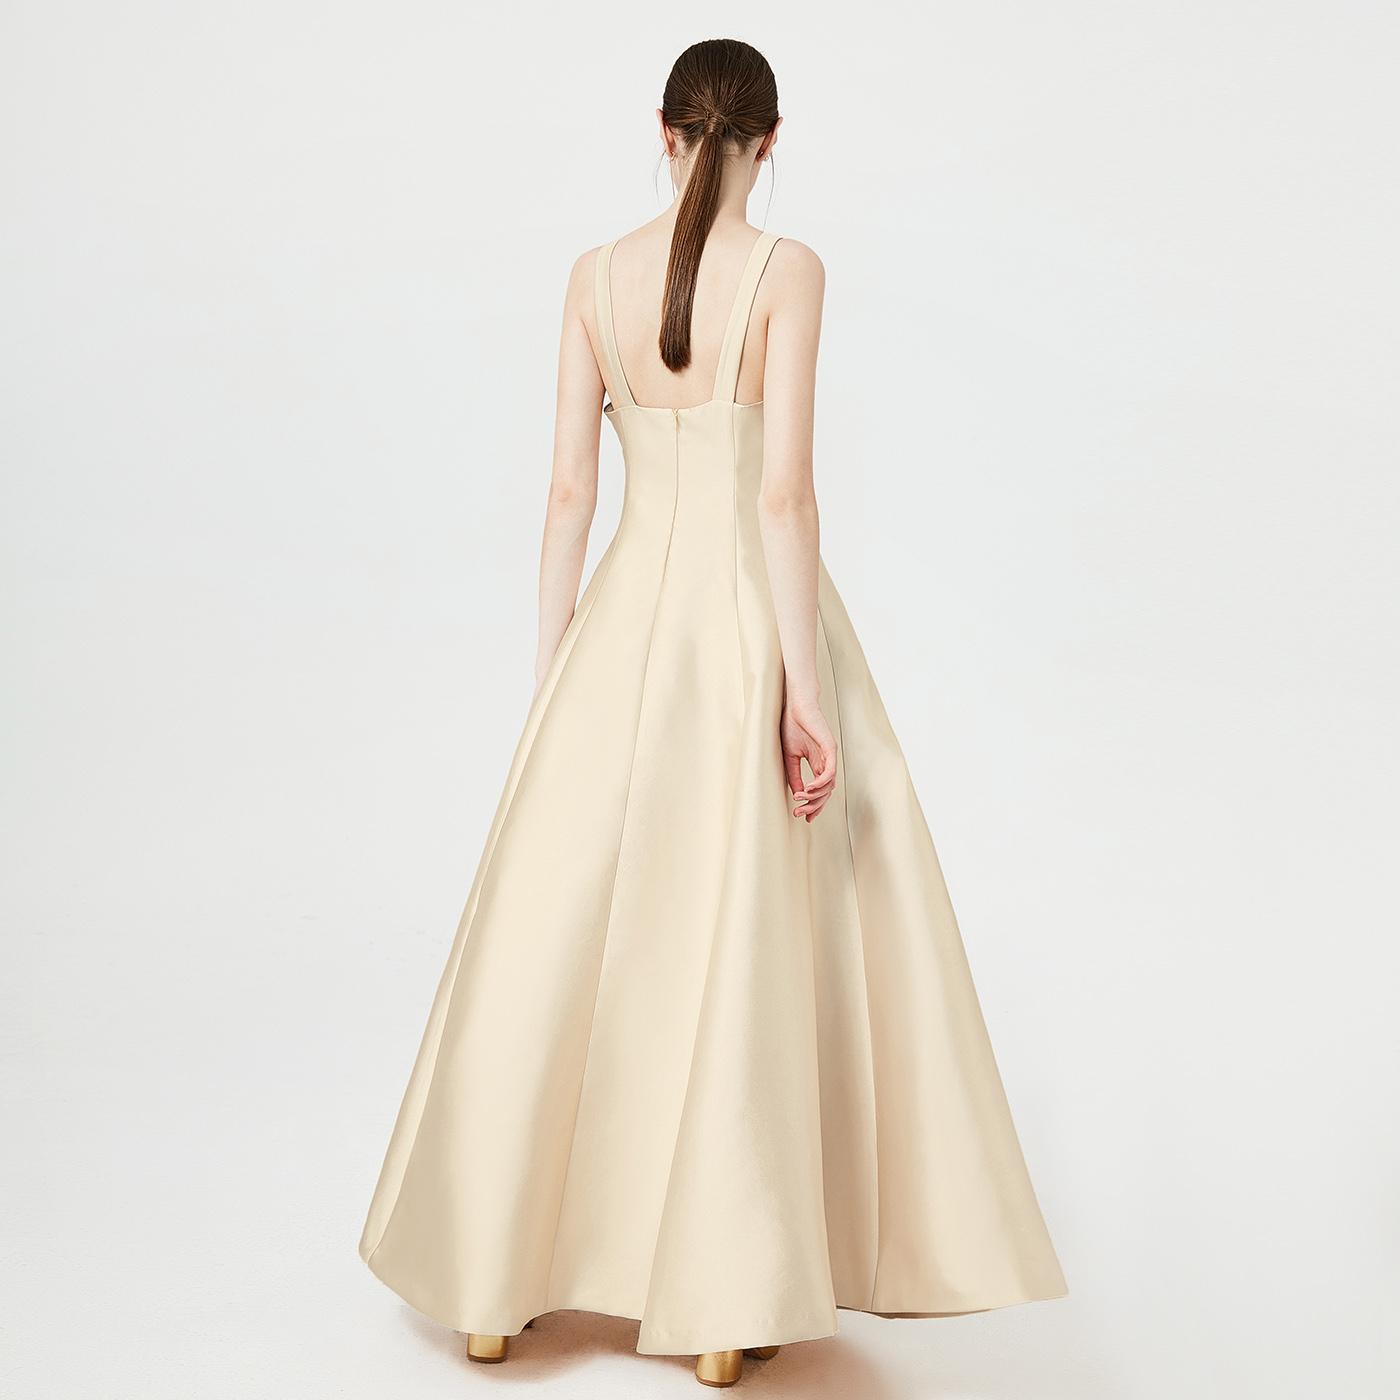 糖力 春装新款端庄大气优雅性感深V礼服连衣裙长裙女